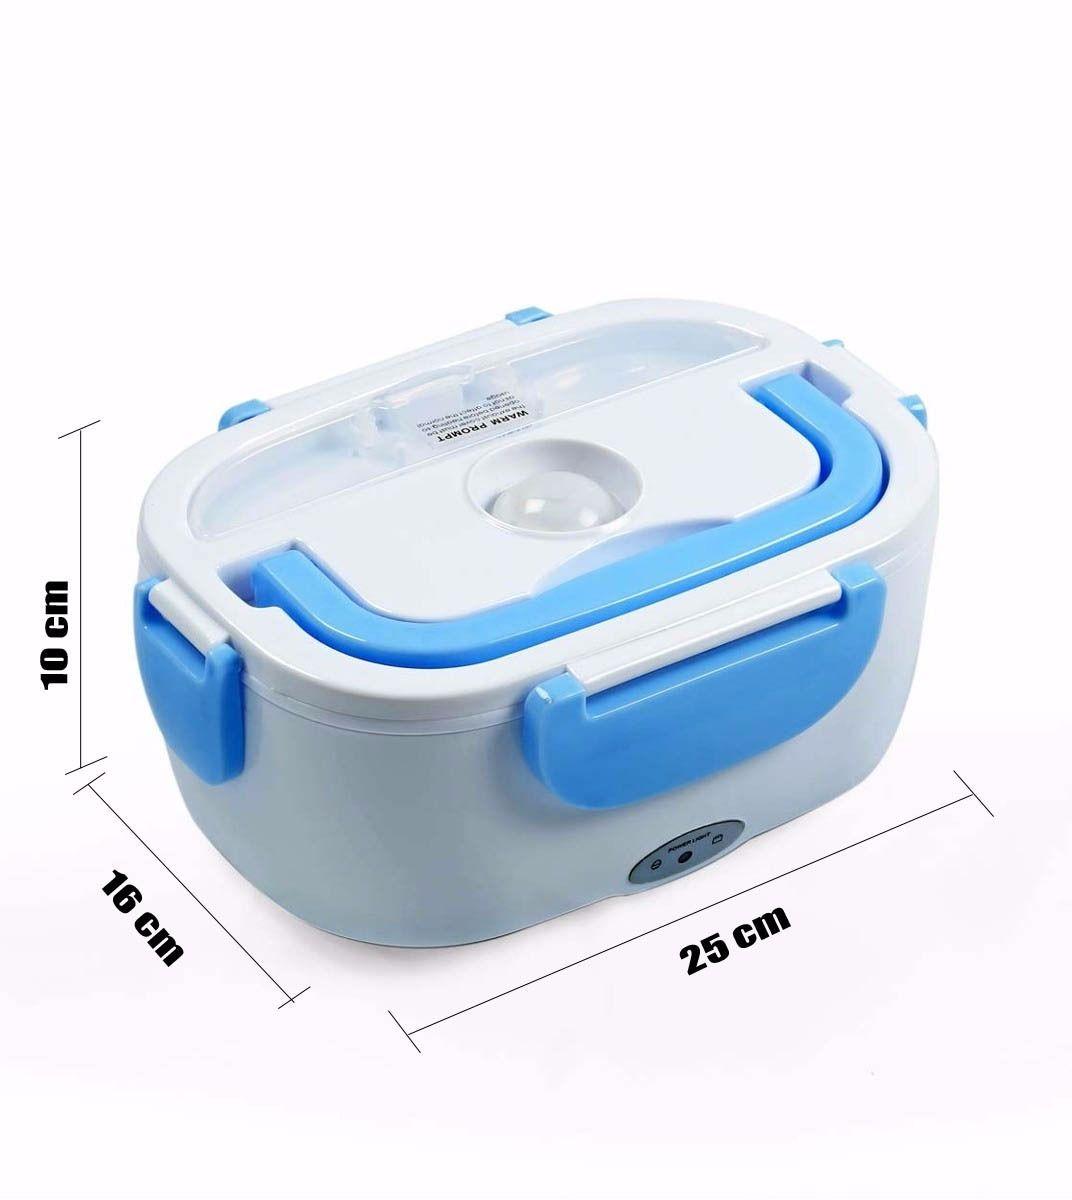 Marmita Elétrica Automatica Eletric Lunch Box com Divisórias e Talheres - Azul